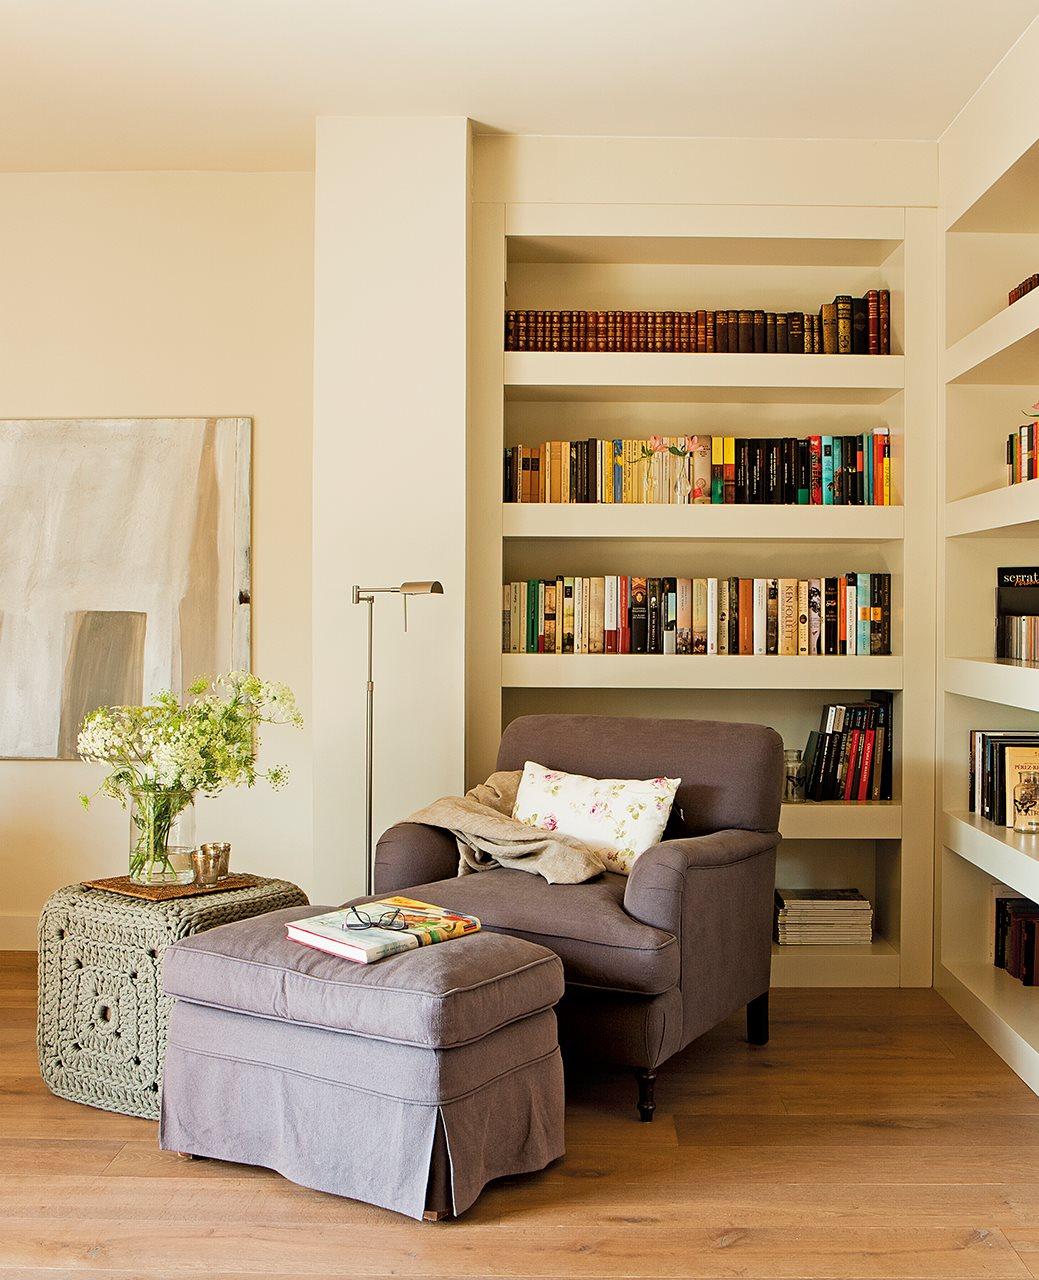 Dos pisos peque os unidos en uno - Butacas de lectura ...